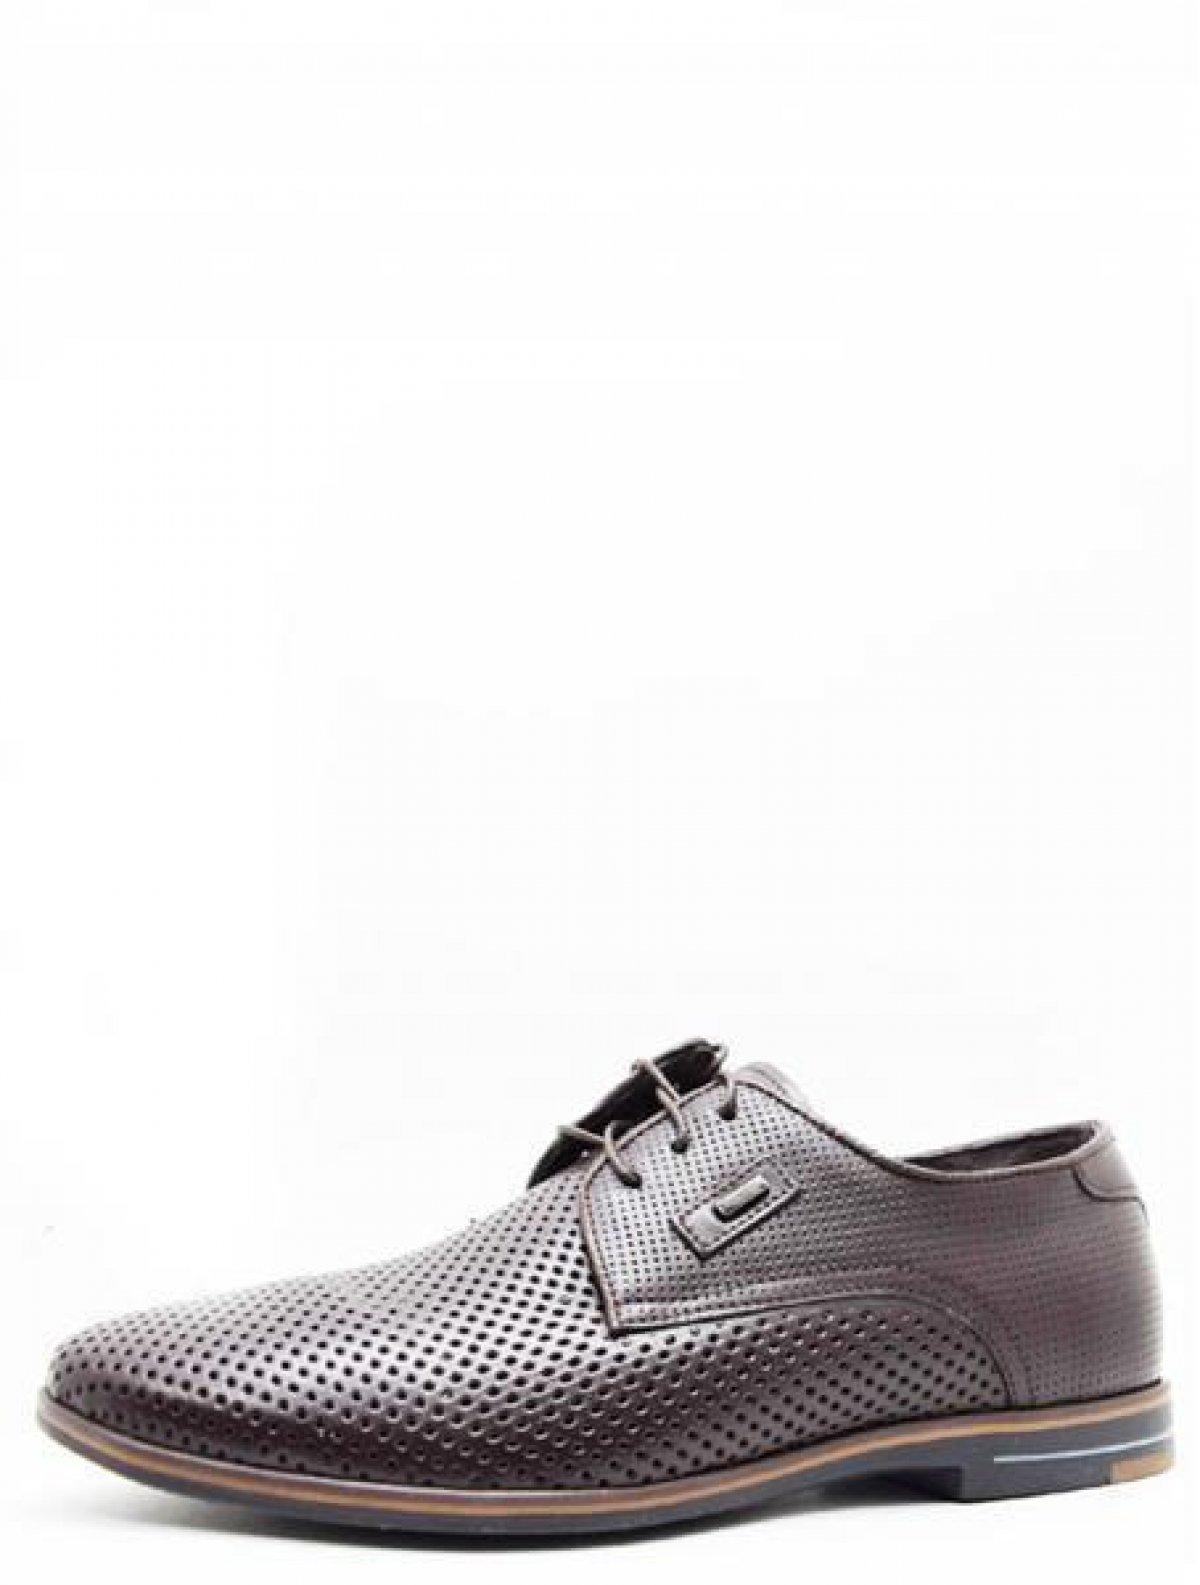 EDERRO 24896118 мужские туфли